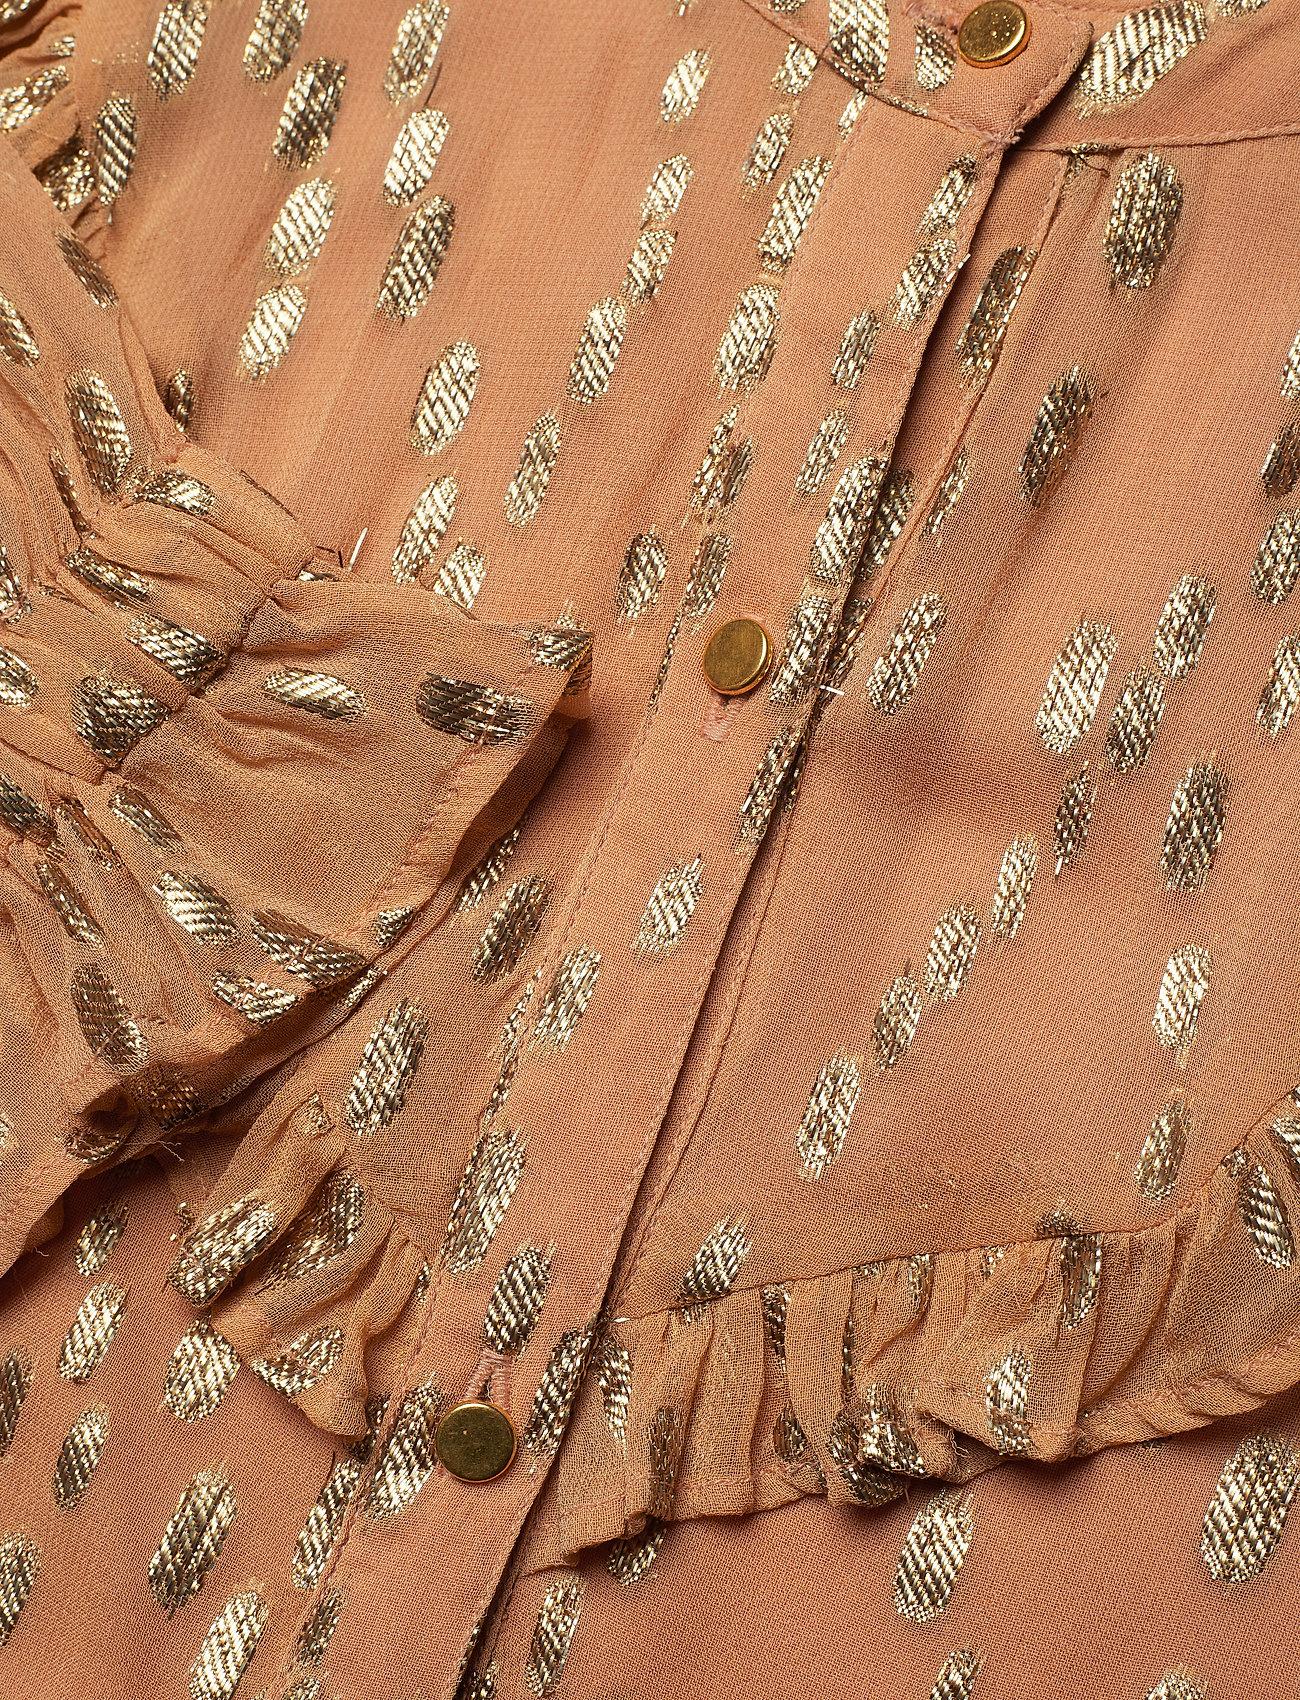 Sofie Schnoor Shirt - Bluser & Skjorter CAMEL - Dameklær Spesialtilbud